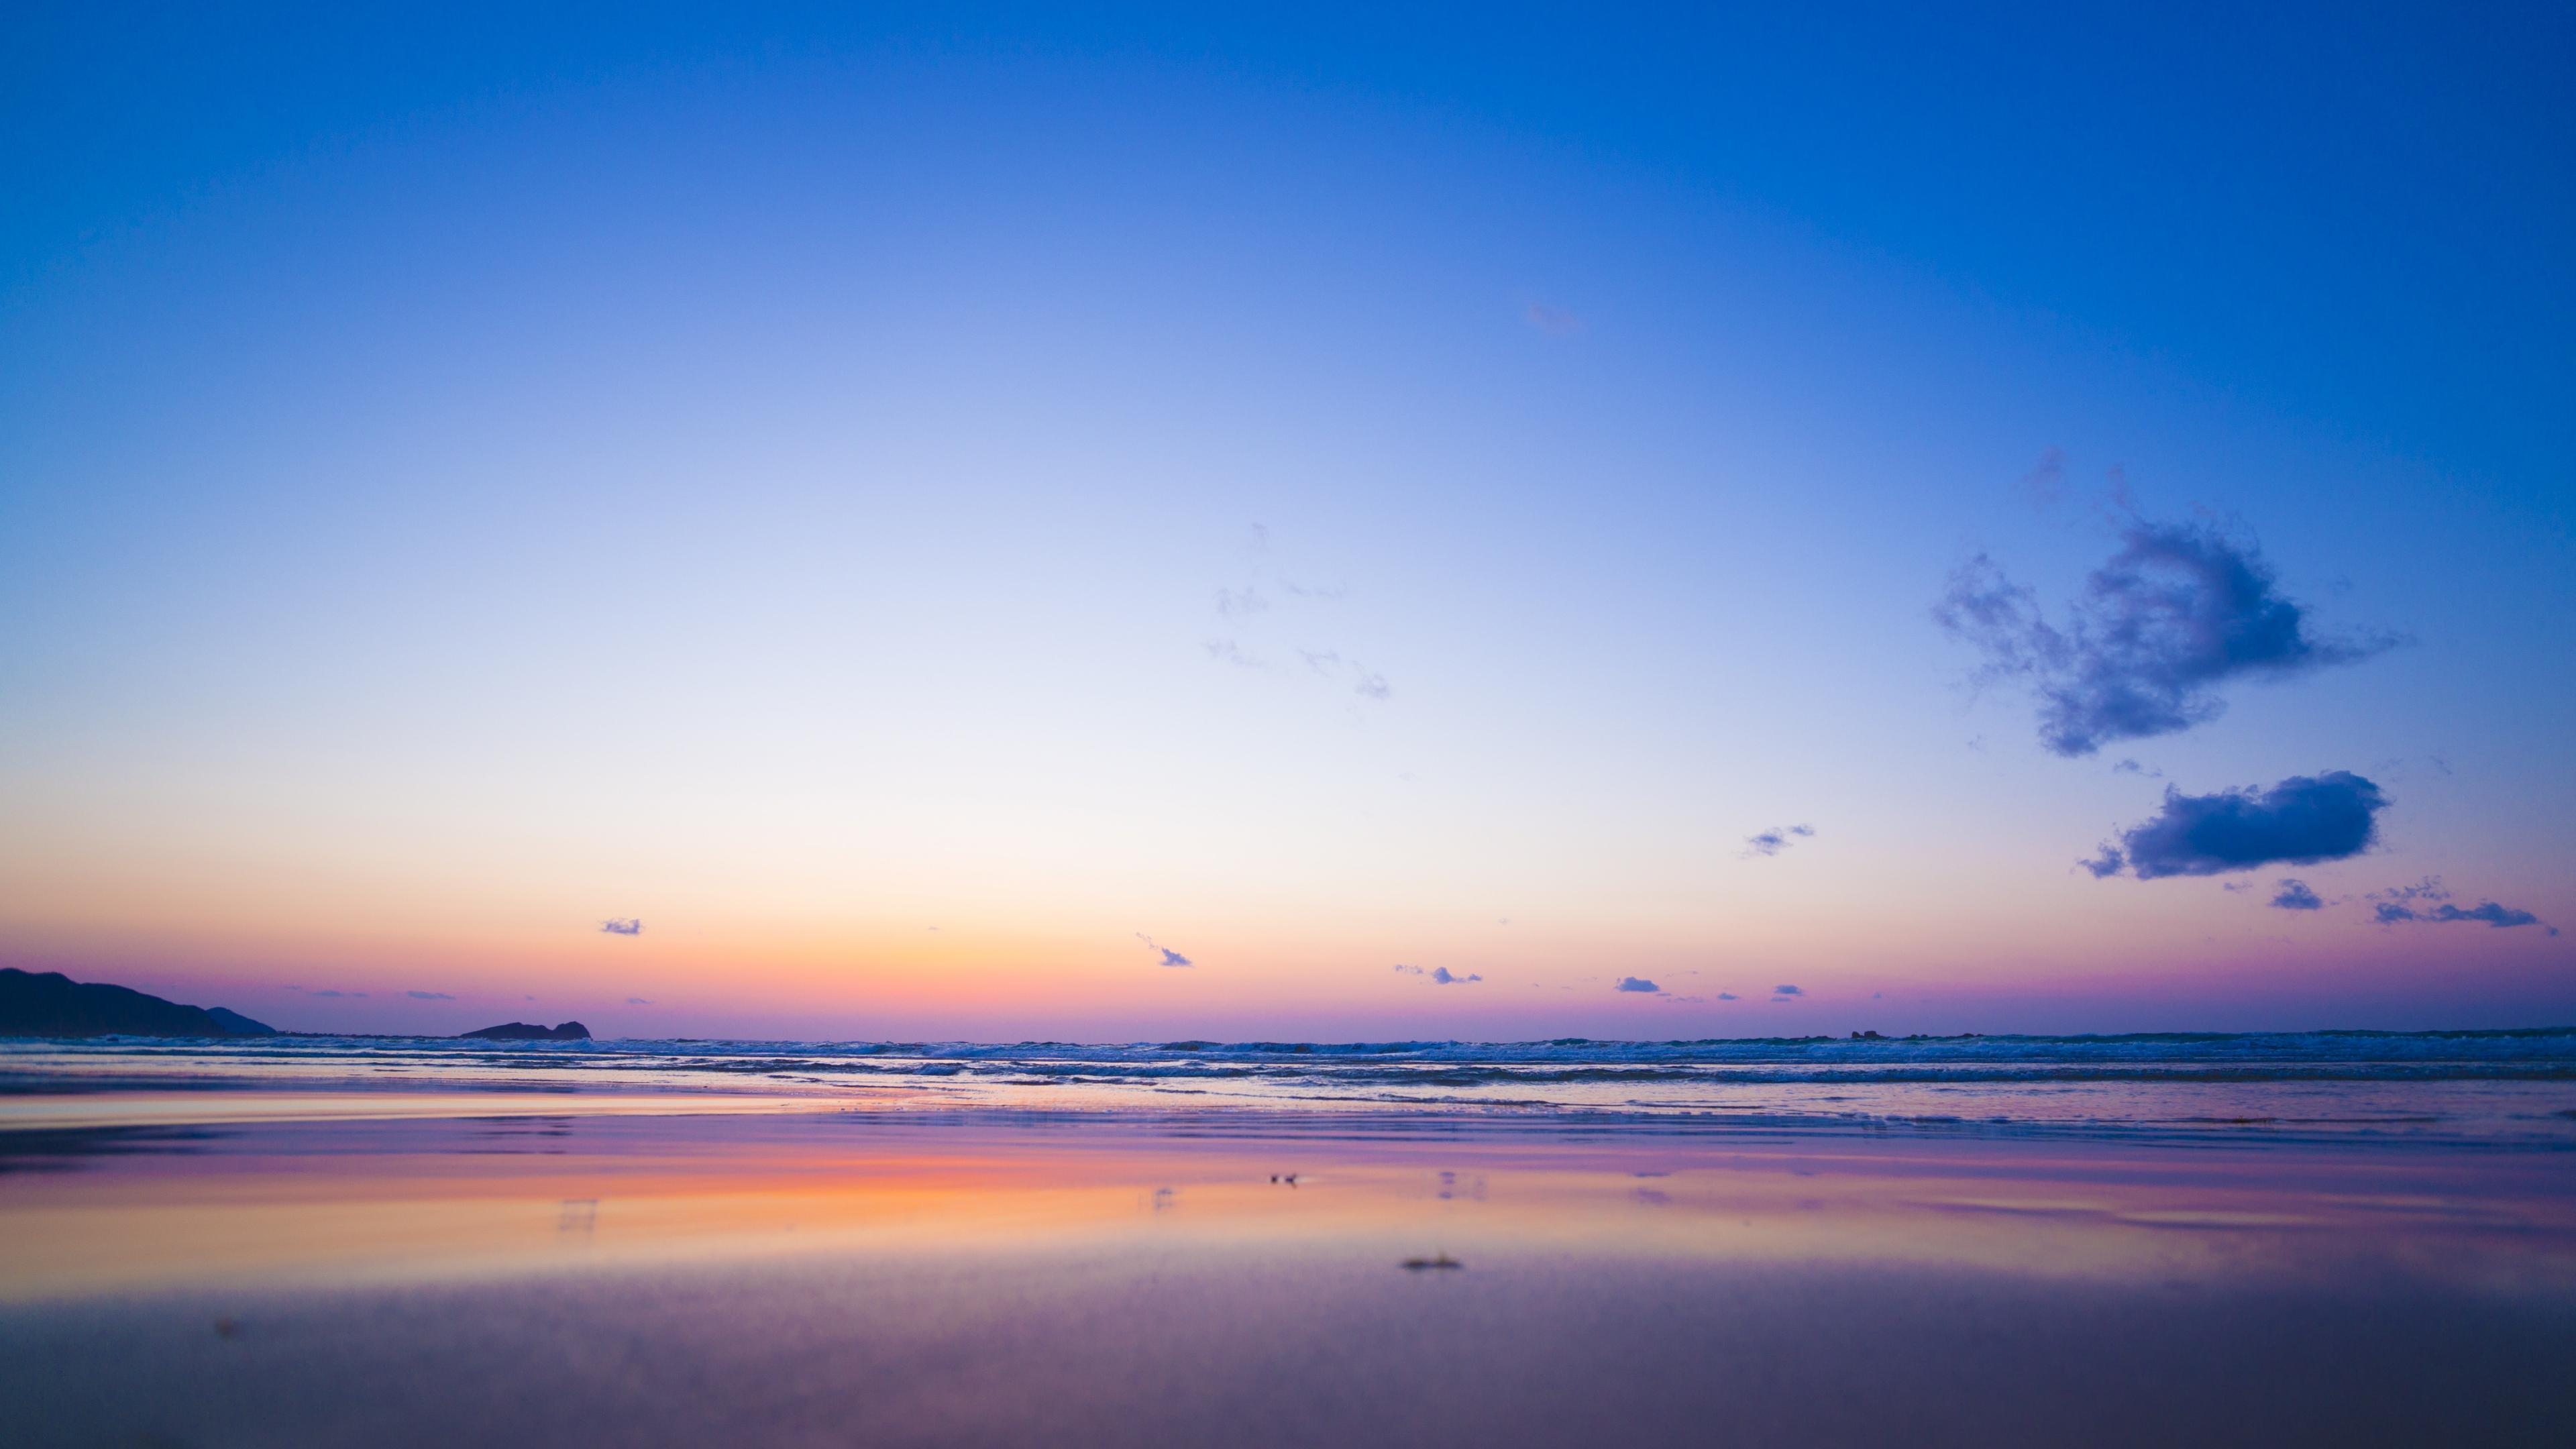 Download 3840x2160 Wallpaper Pink Blue Sunset Calm Beach